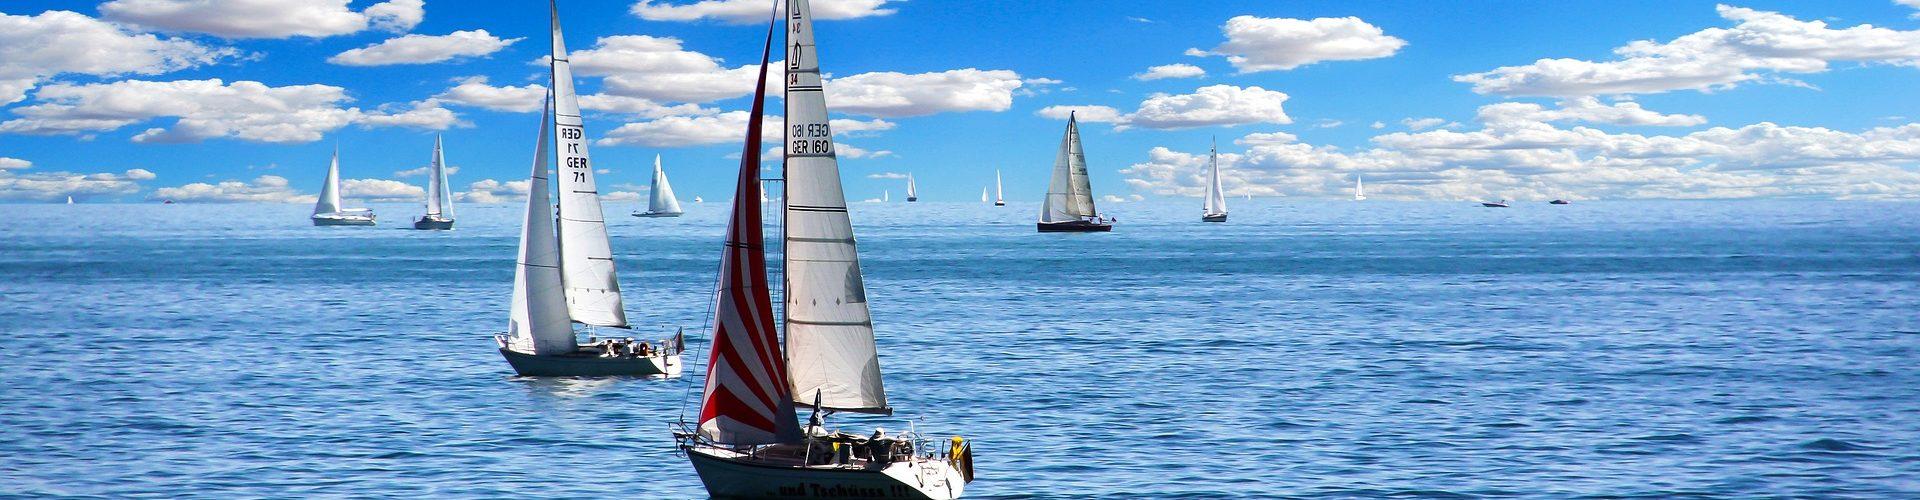 segeln lernen in Allensbach segelschein machen in Allensbach 1920x500 - Segeln lernen in Allensbach